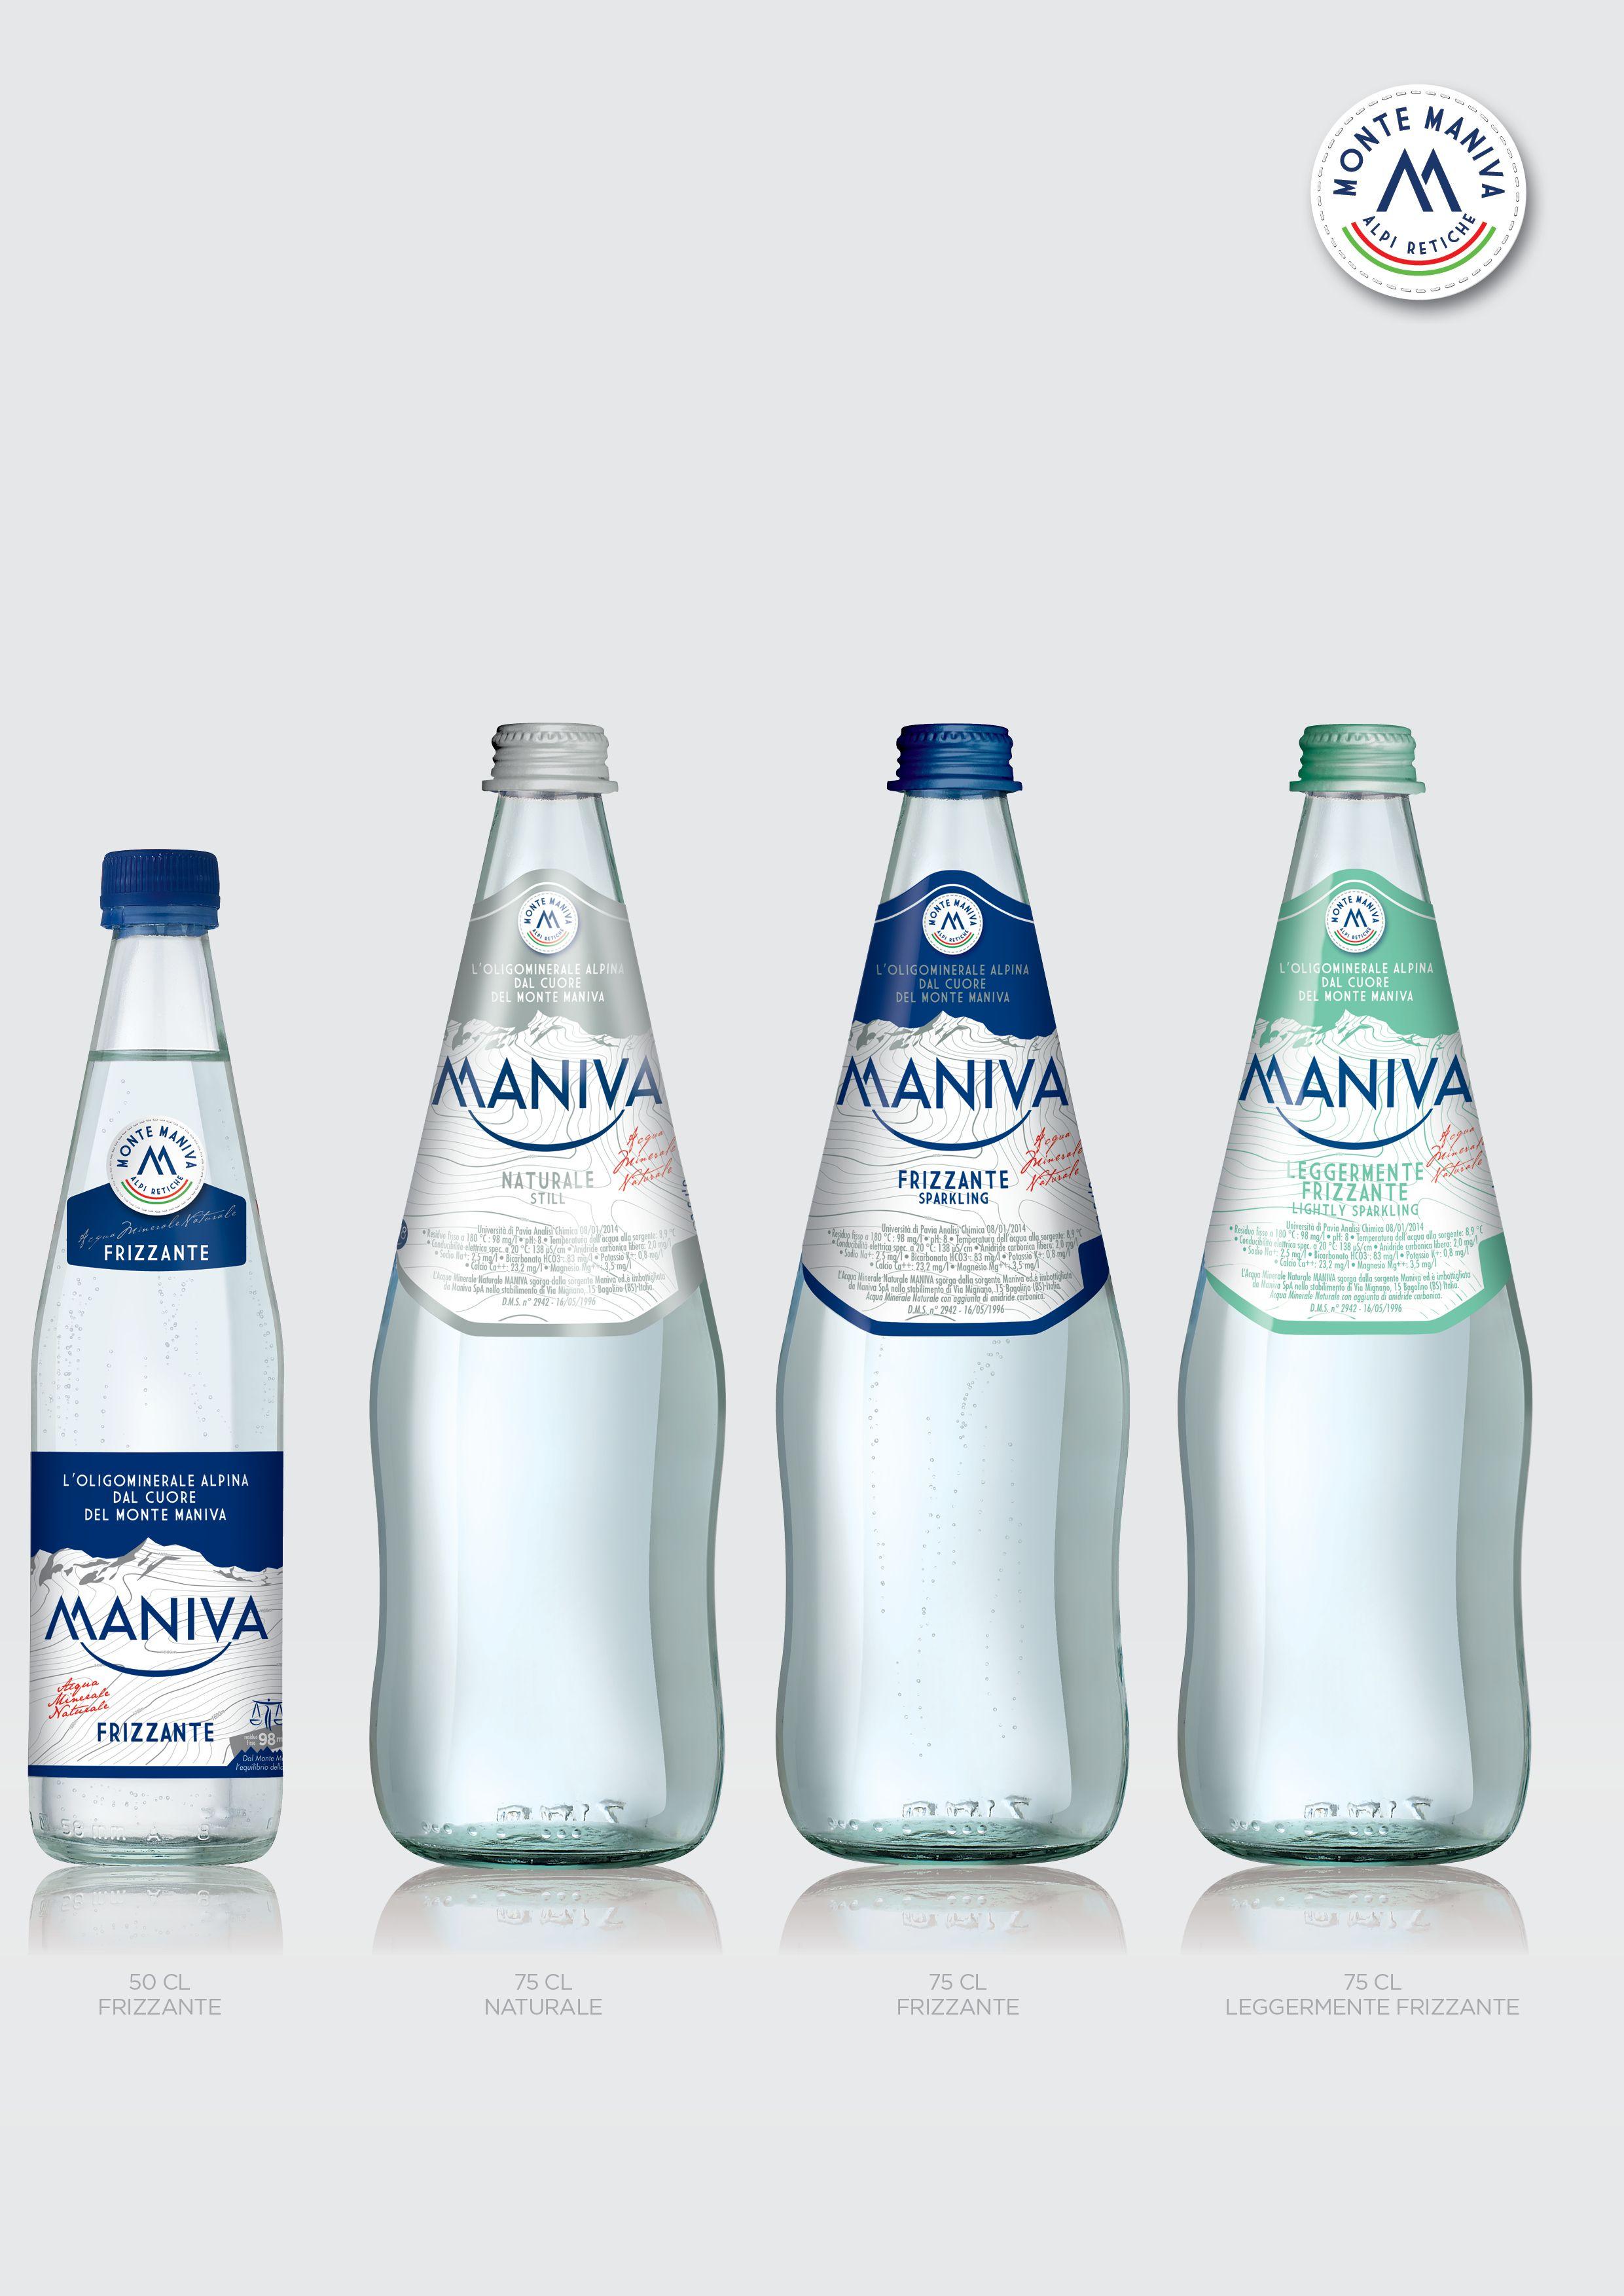 Acqua Minerale Maniva ph8 | ACQUA MANIVA e i suoi punti di forza ...